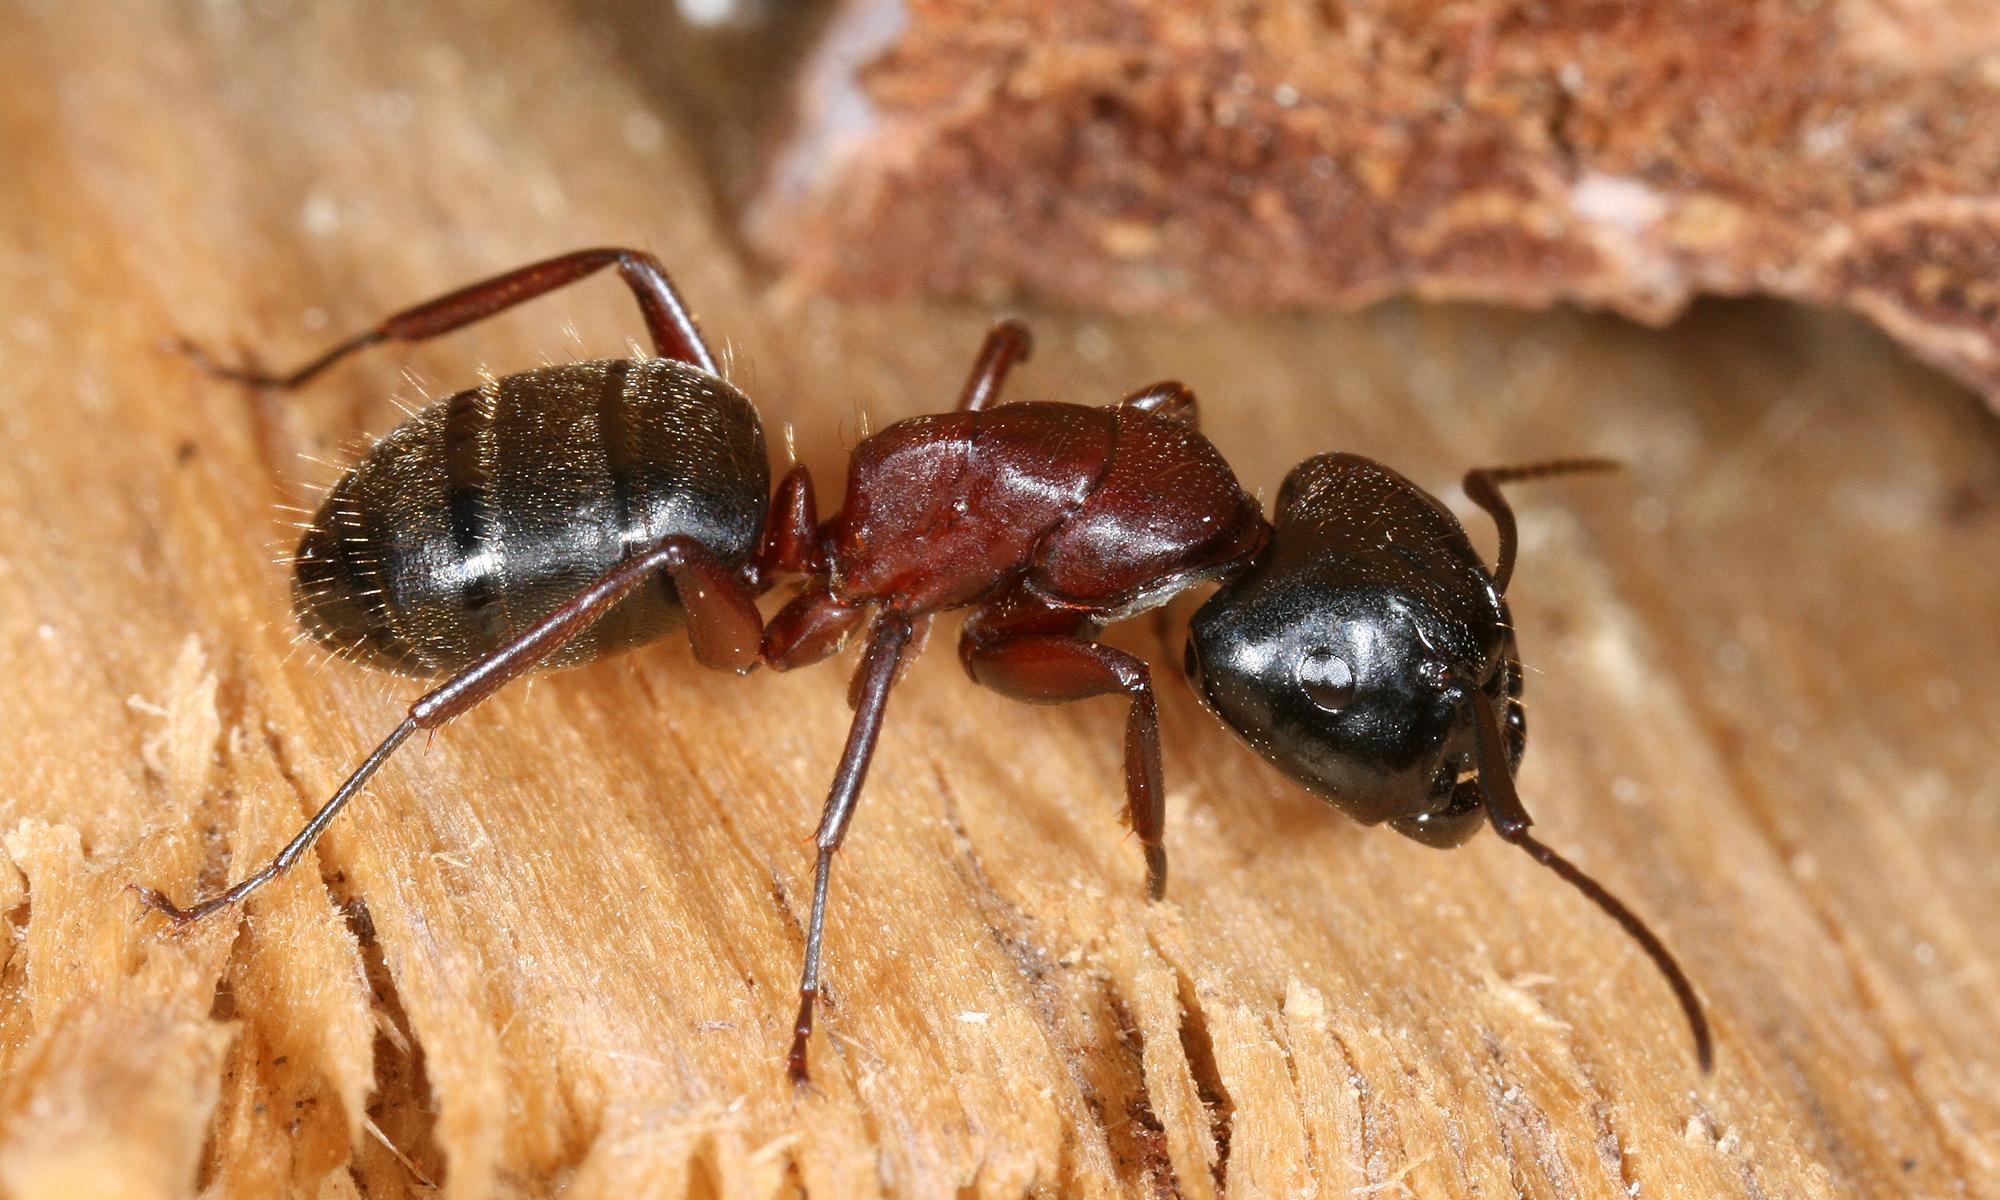 Красногрудый муравей-древоточец: питание, образ жизни, места обитания